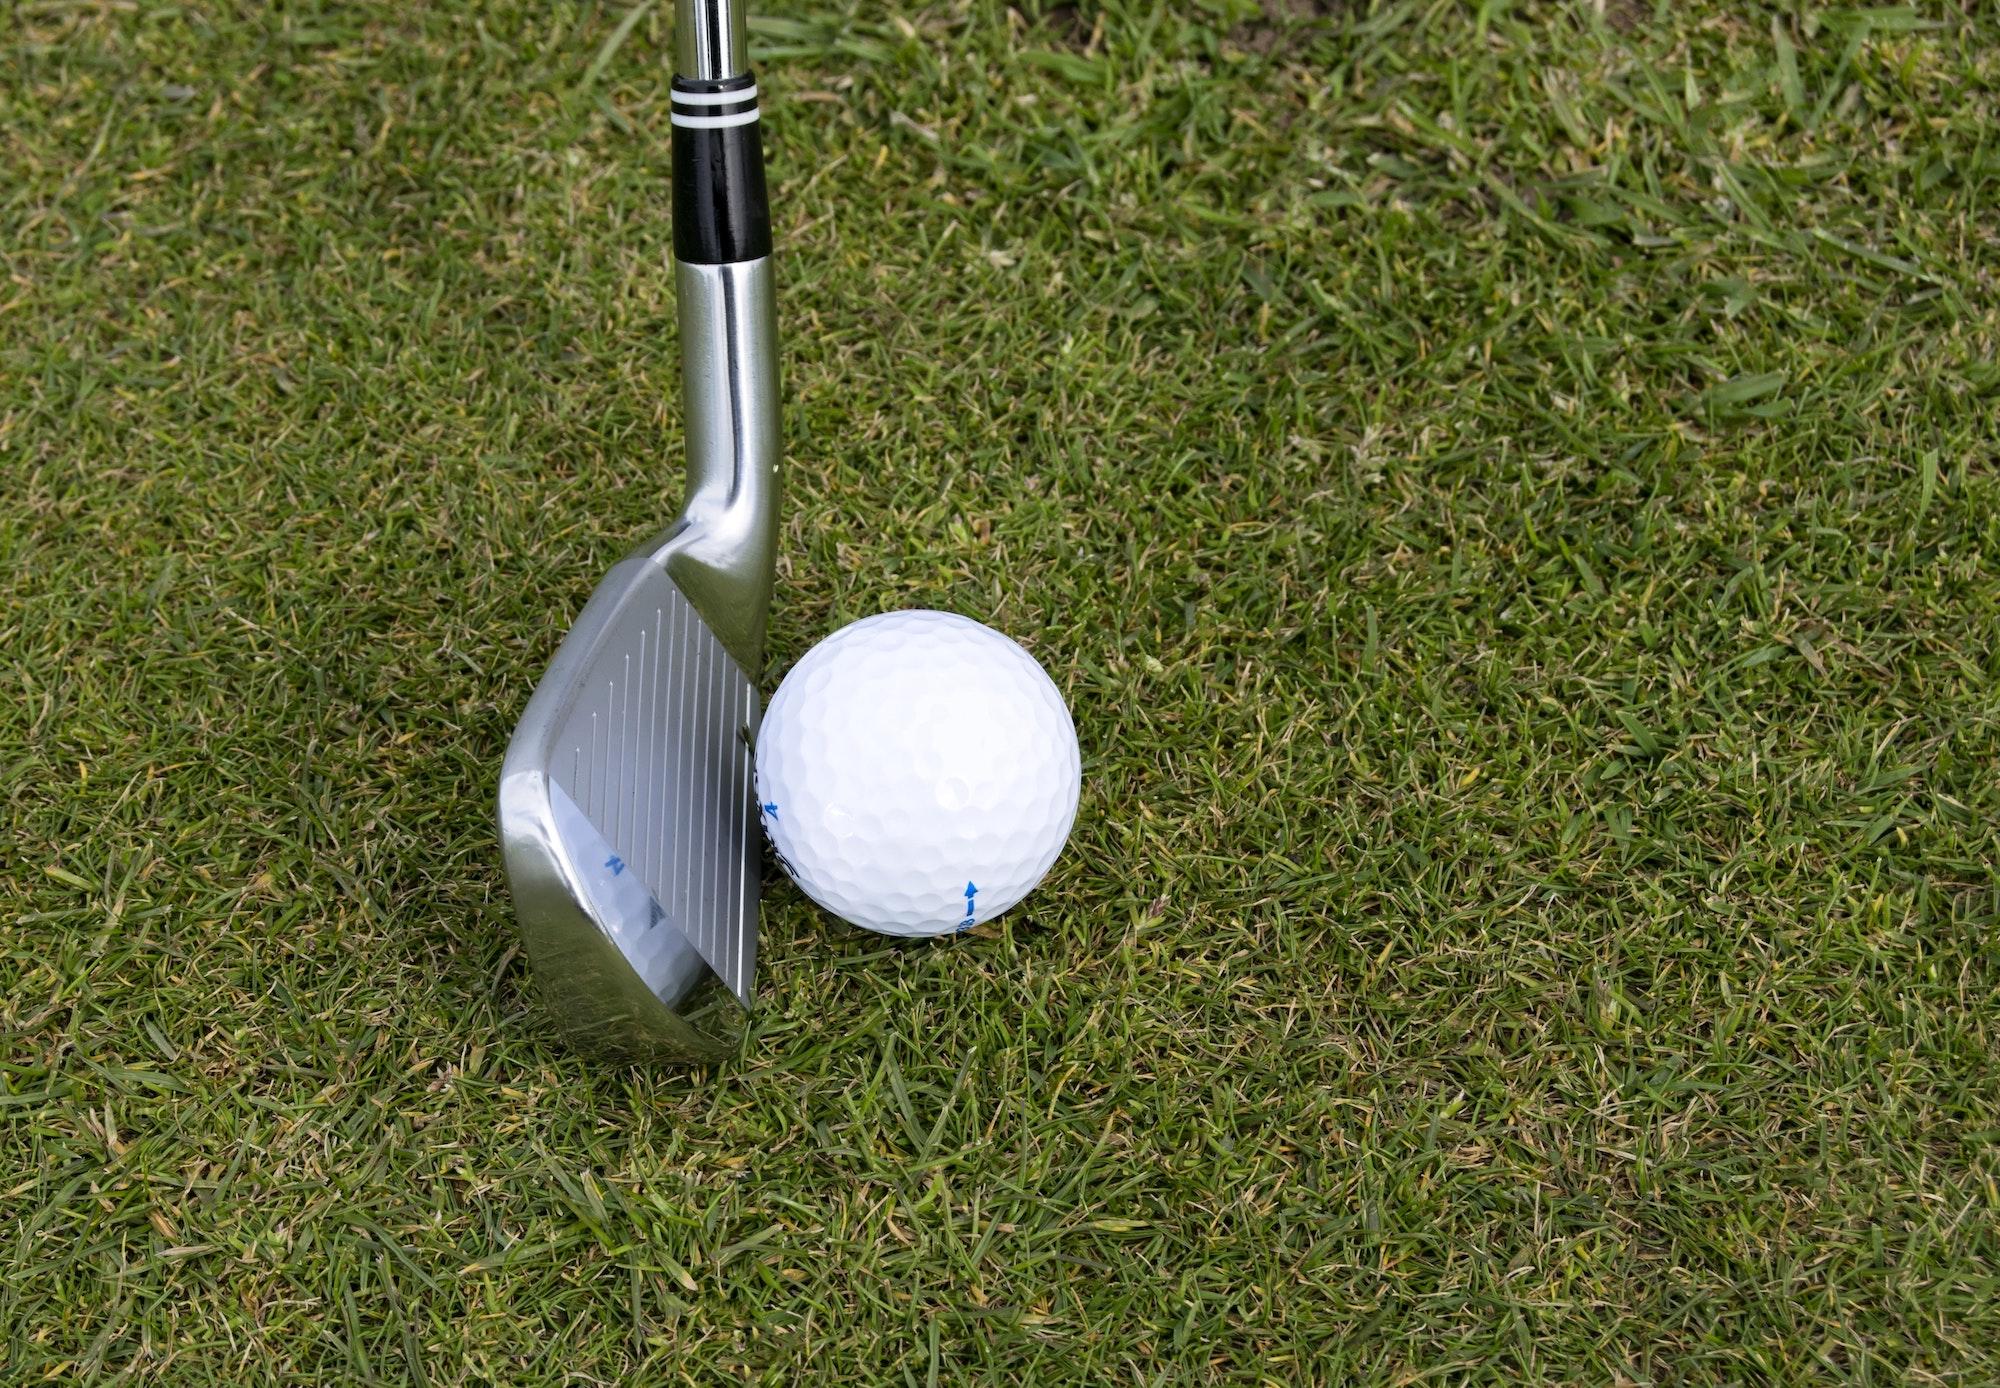 Sådan rammer du en golfbold helt lige - for begyndere